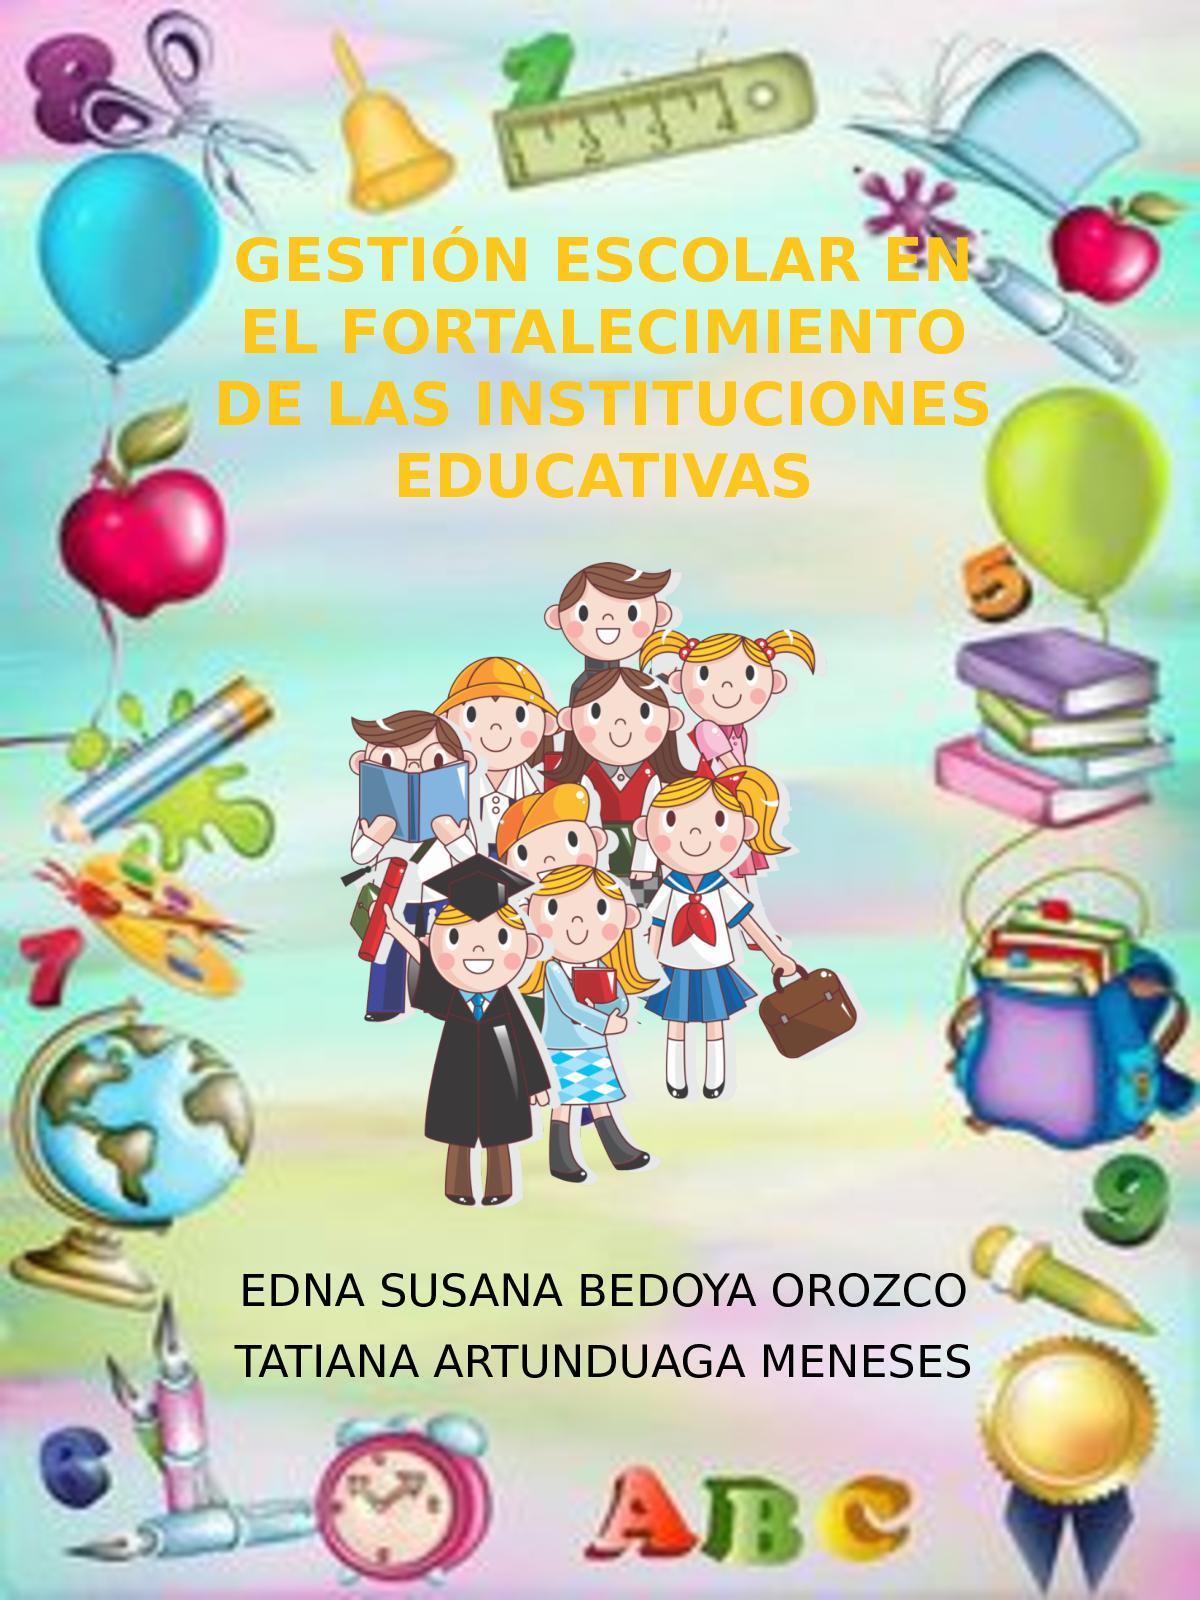 GESTIÓN ESCOLAR EN EL FORTALECIMIENTO DE LAS INSTITUCIONES EDUCATIVAS-cartilla semana 7